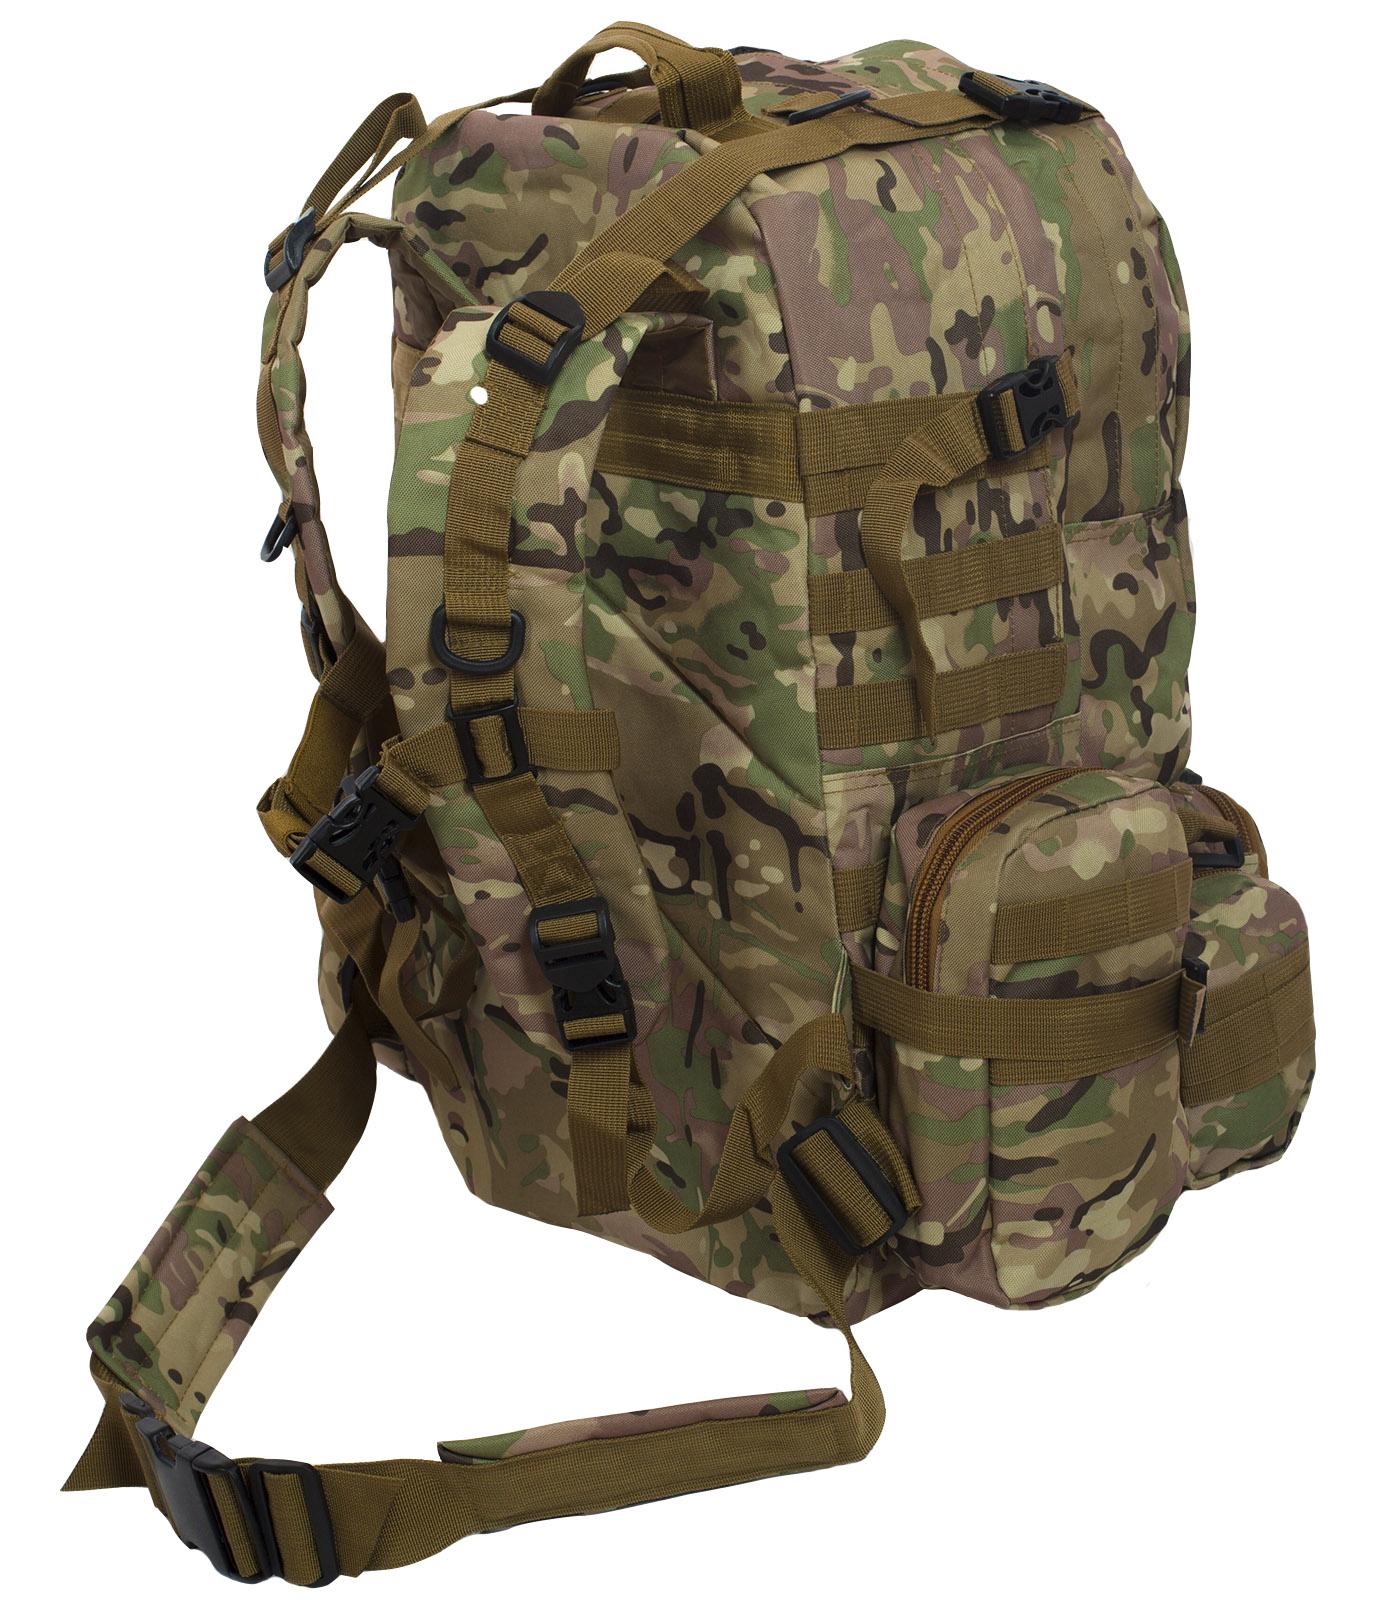 Практичный армейский рюкзак ФСО от ТМ US Assault - купить с доставкой